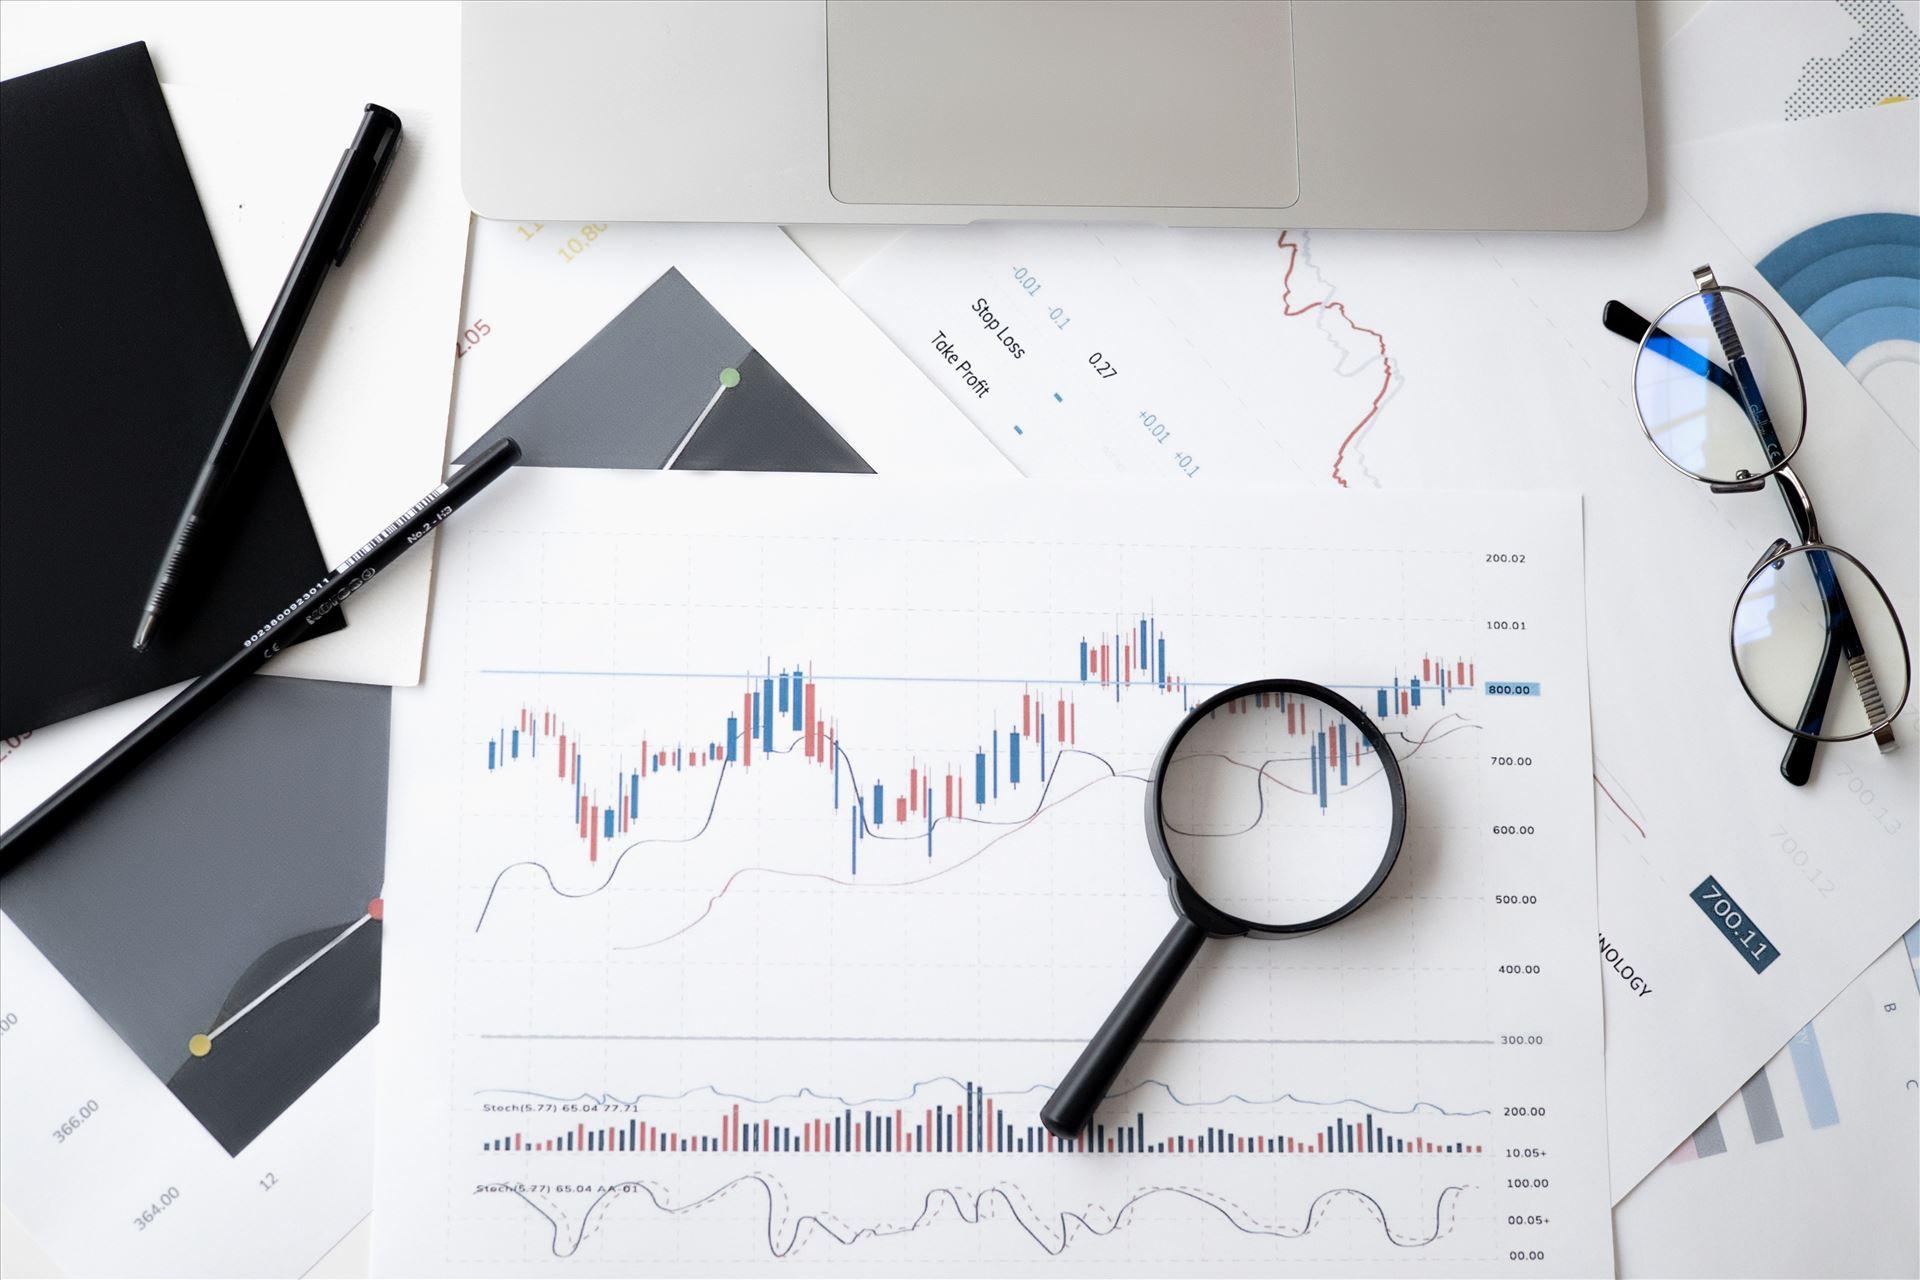 הסדר חוב מול הבנקים לעסקים ולפרטיים